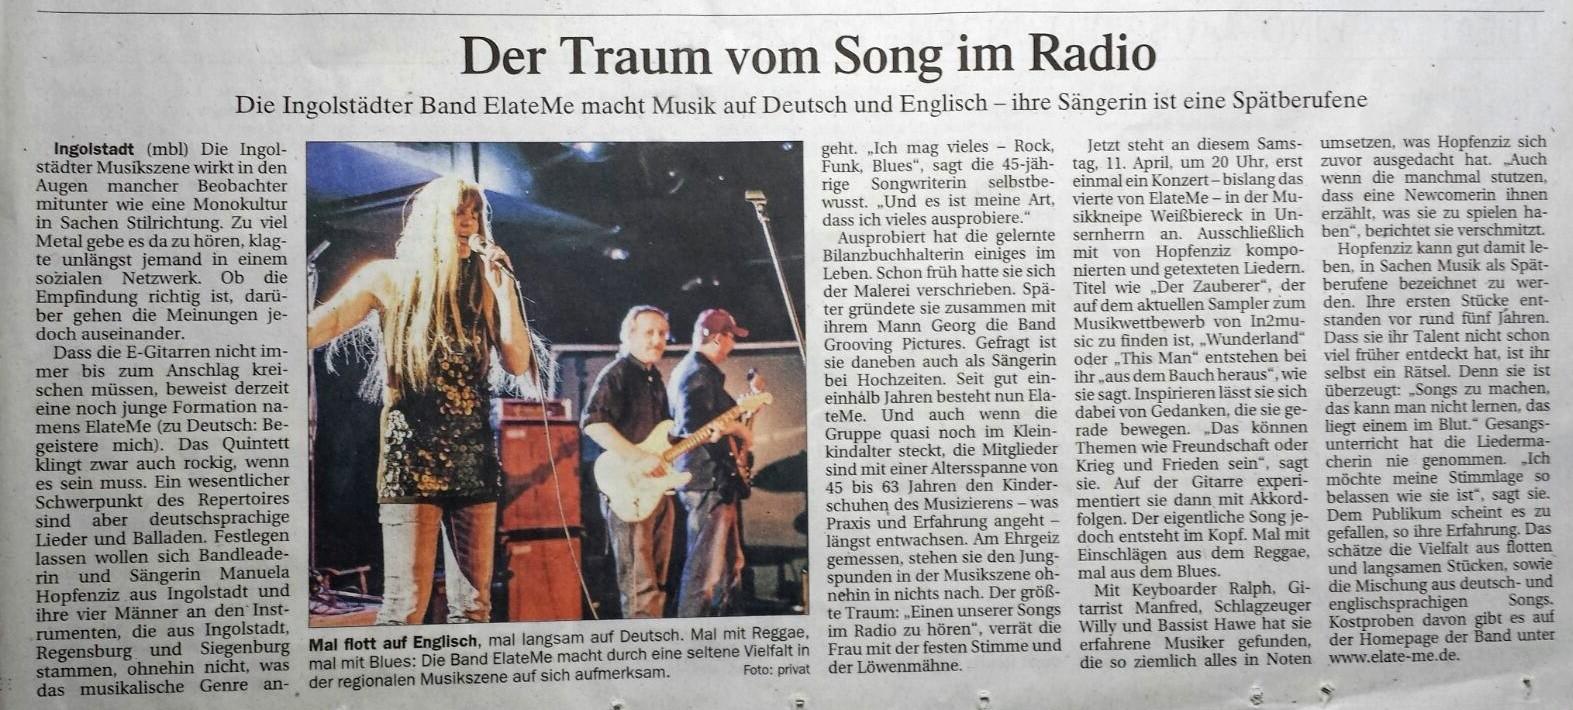 Bericht im Donau Kurier vom 11./12. April 2015